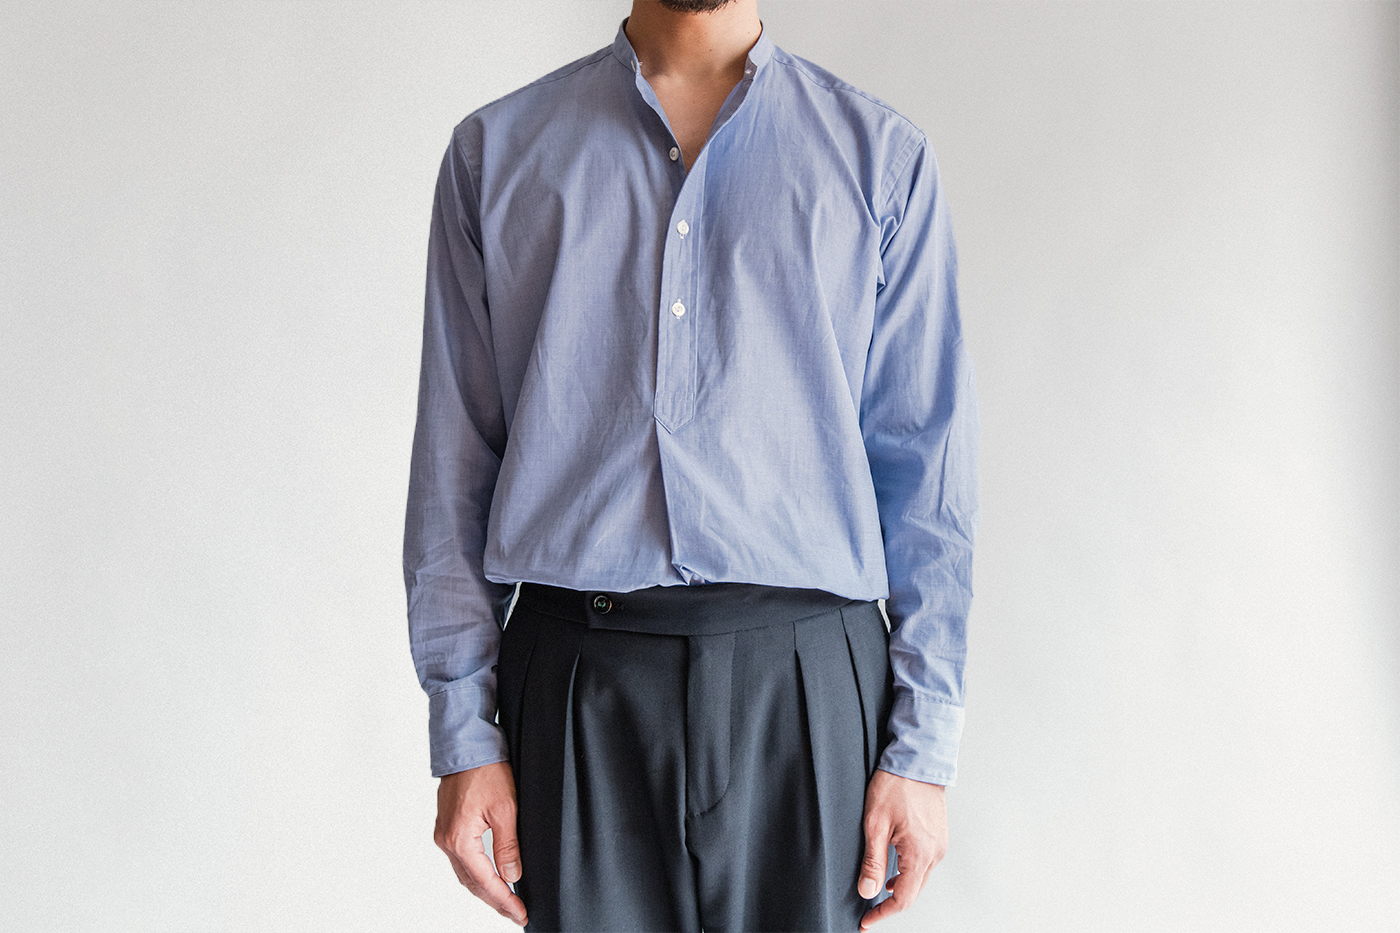 オフィサーシャツ「プリマス」 タックインしても美しいバランスに